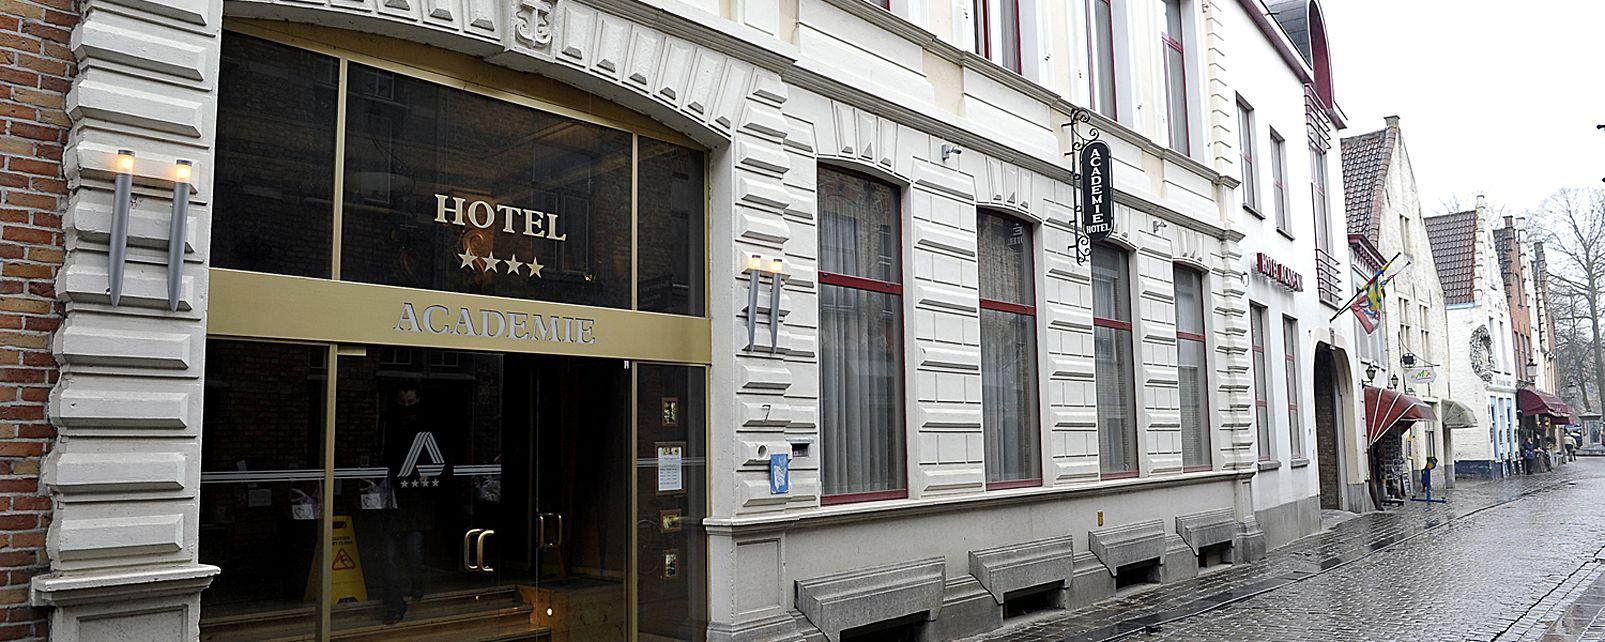 Hôtel Académie